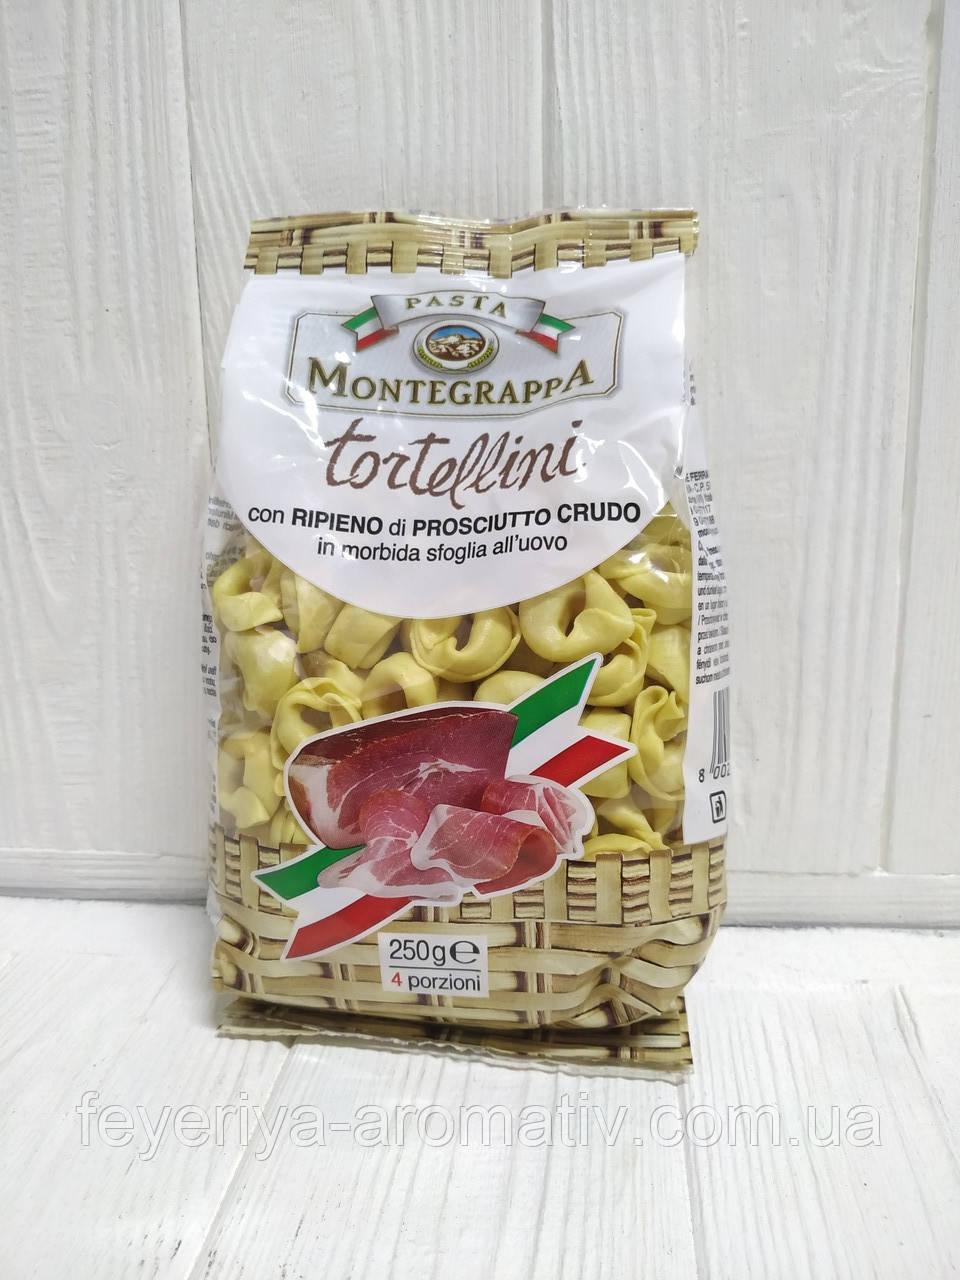 Тортеллини с прошутто Pasta Montegrappa Tortellini 250гр (Италия)